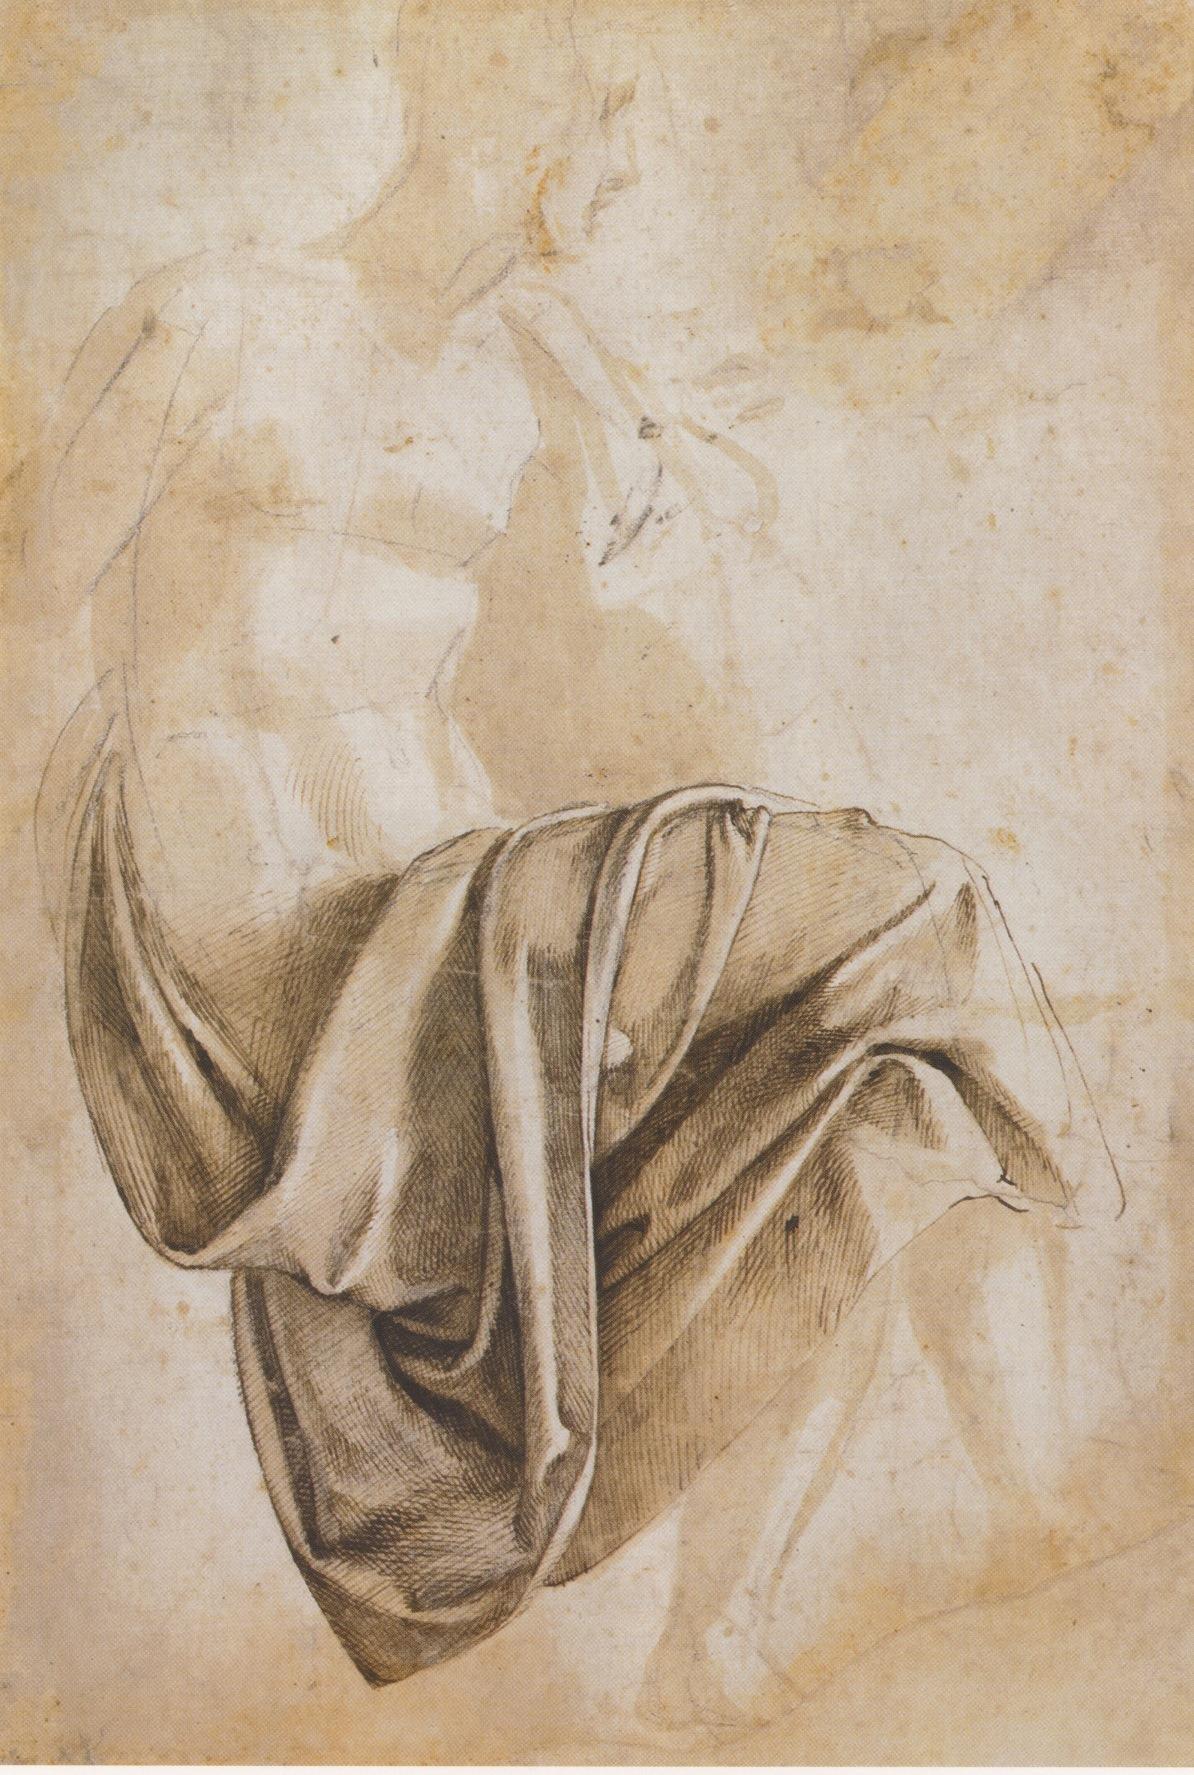 Michelangelo Buonarroti - Sketch - Drapery.jpg